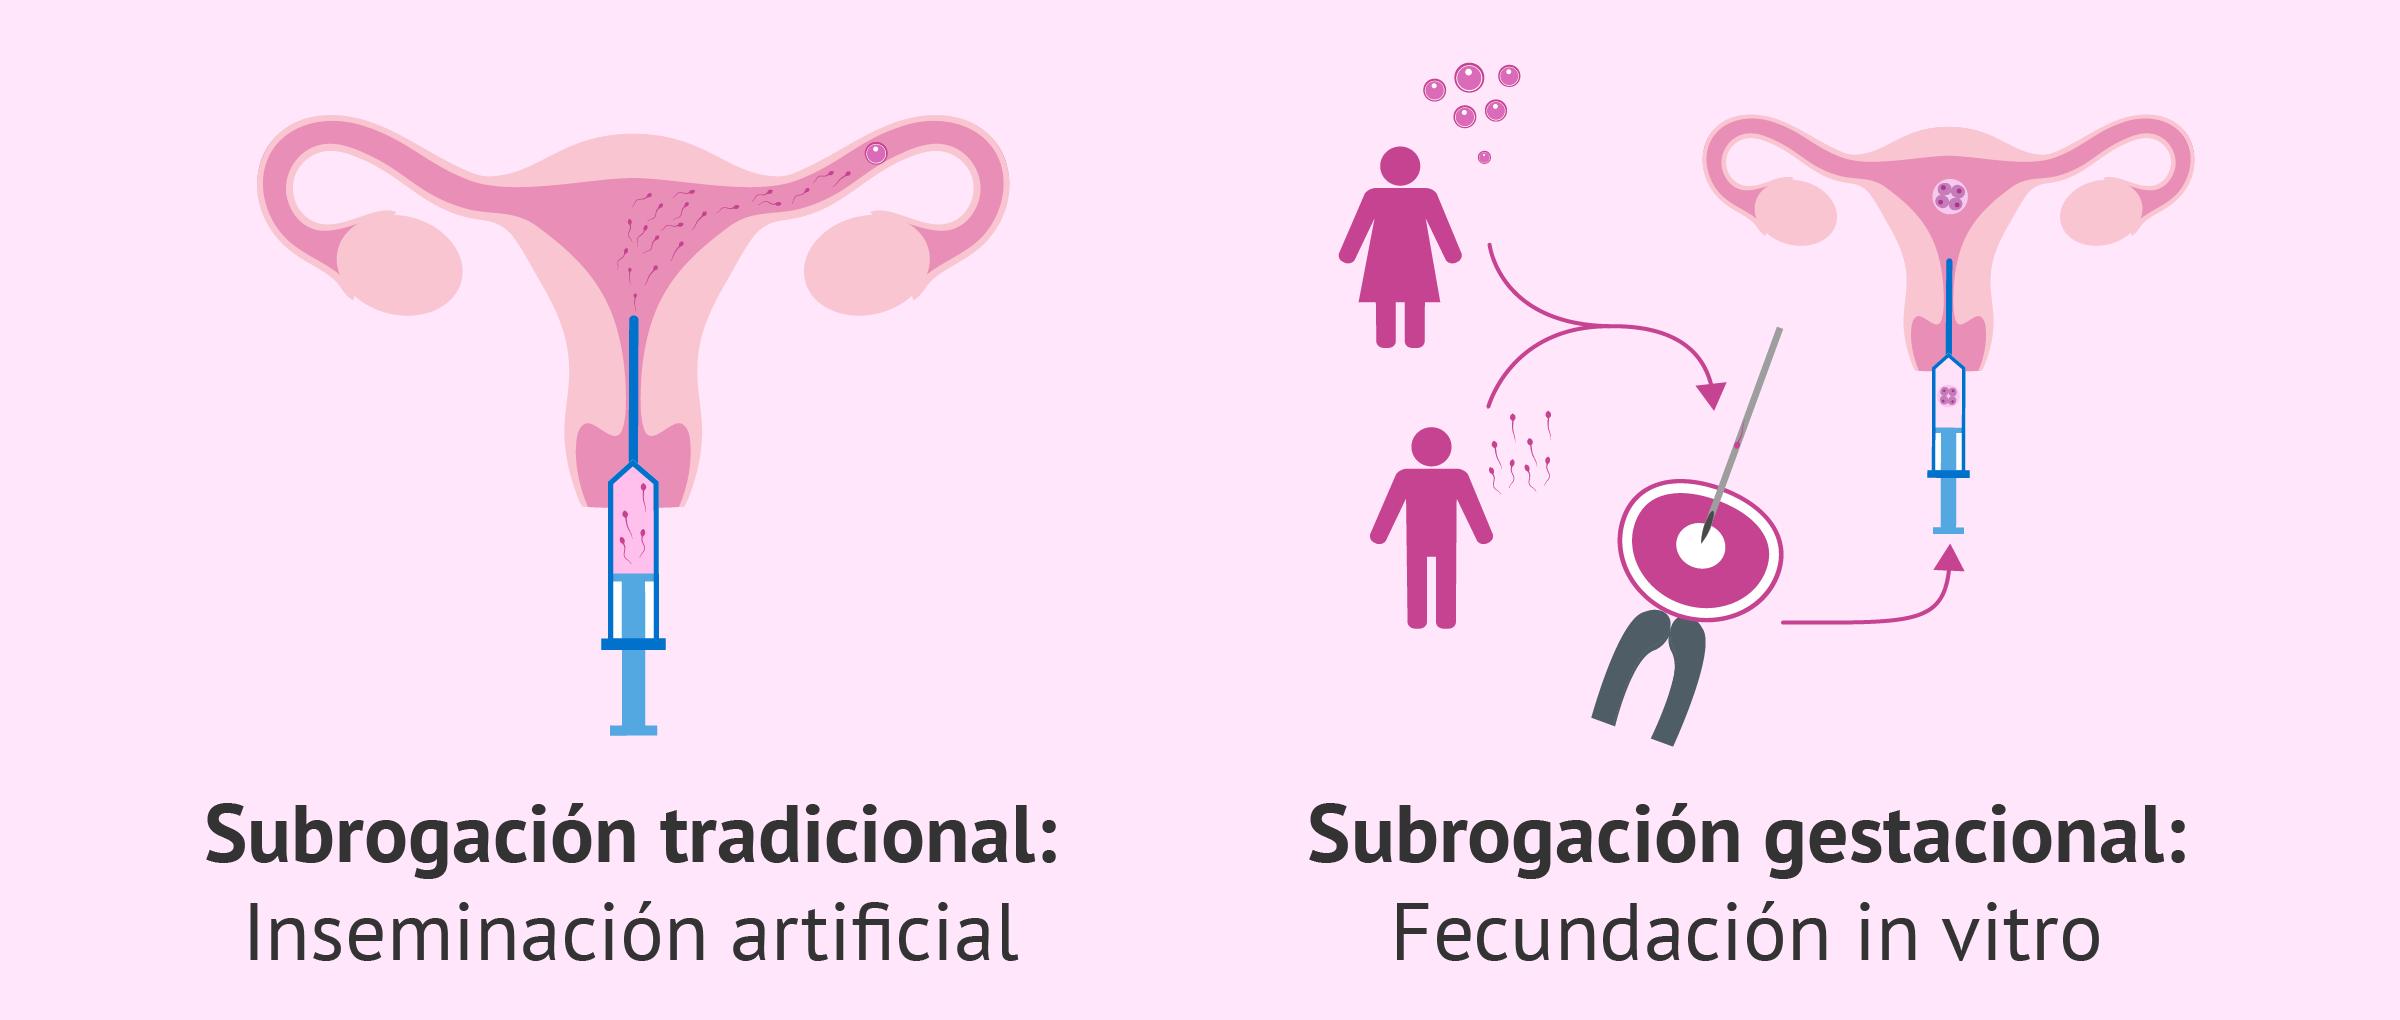 Gestación subrogada parcial y gestación subrogada completa